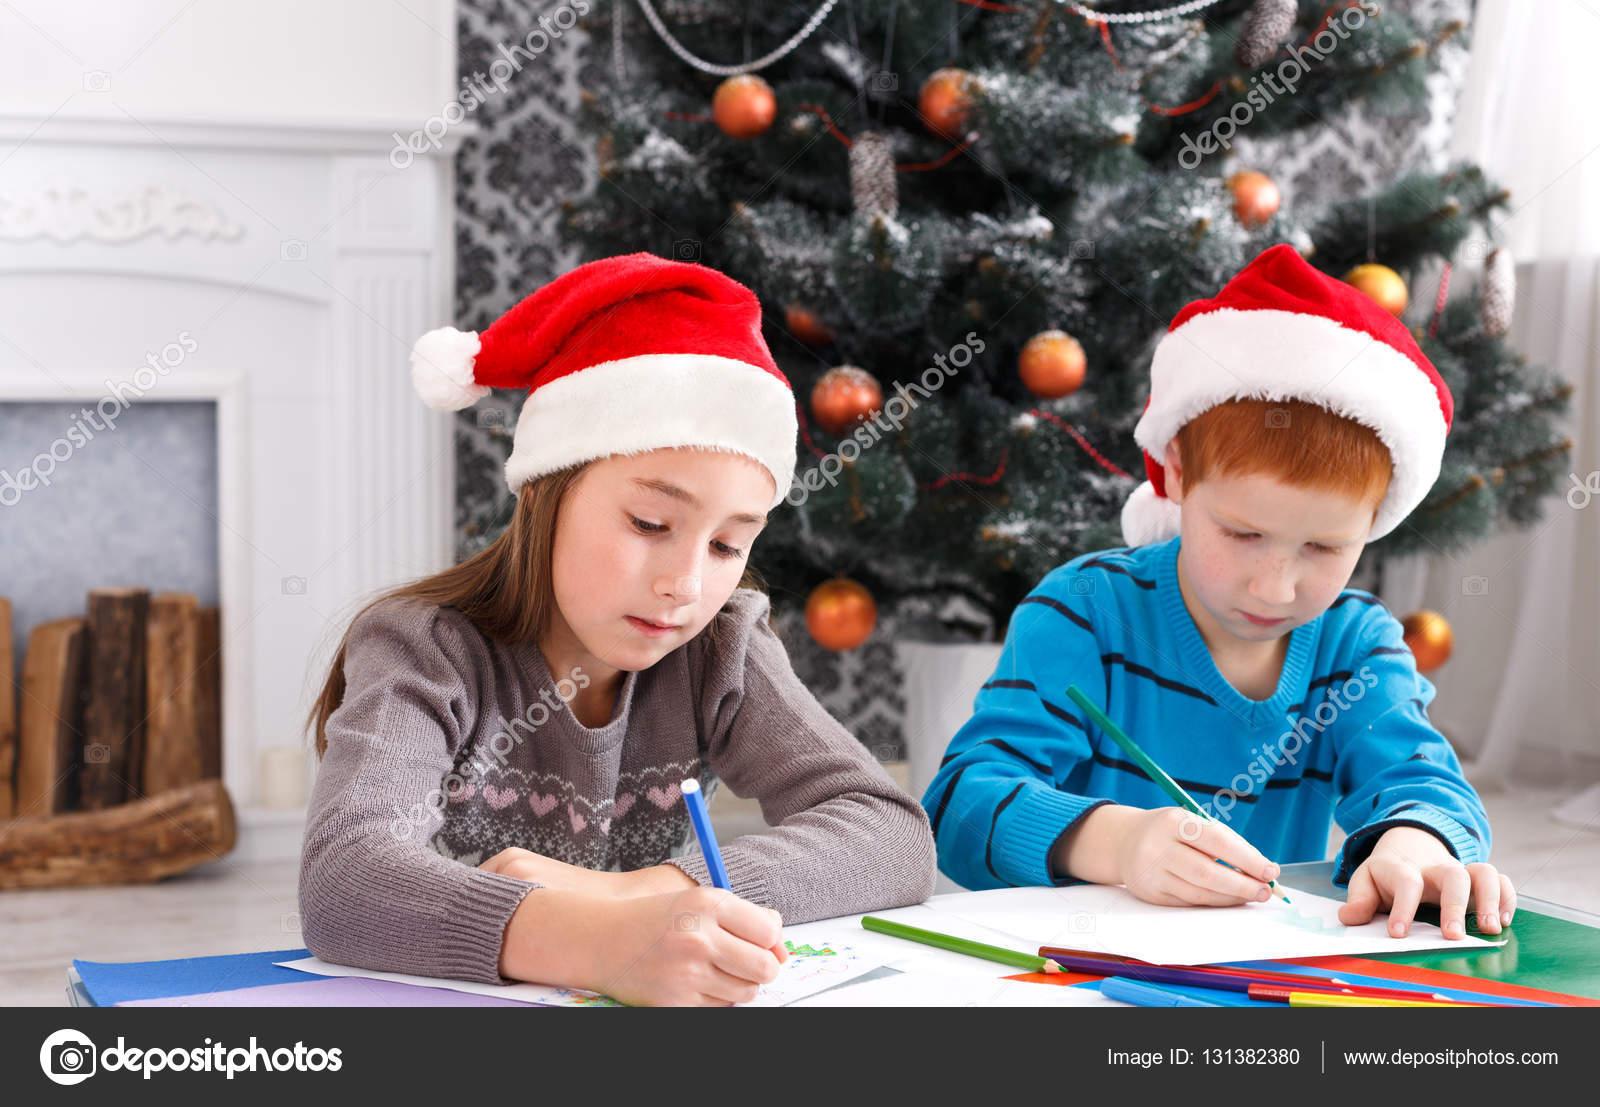 Фото дети делают пись-пись